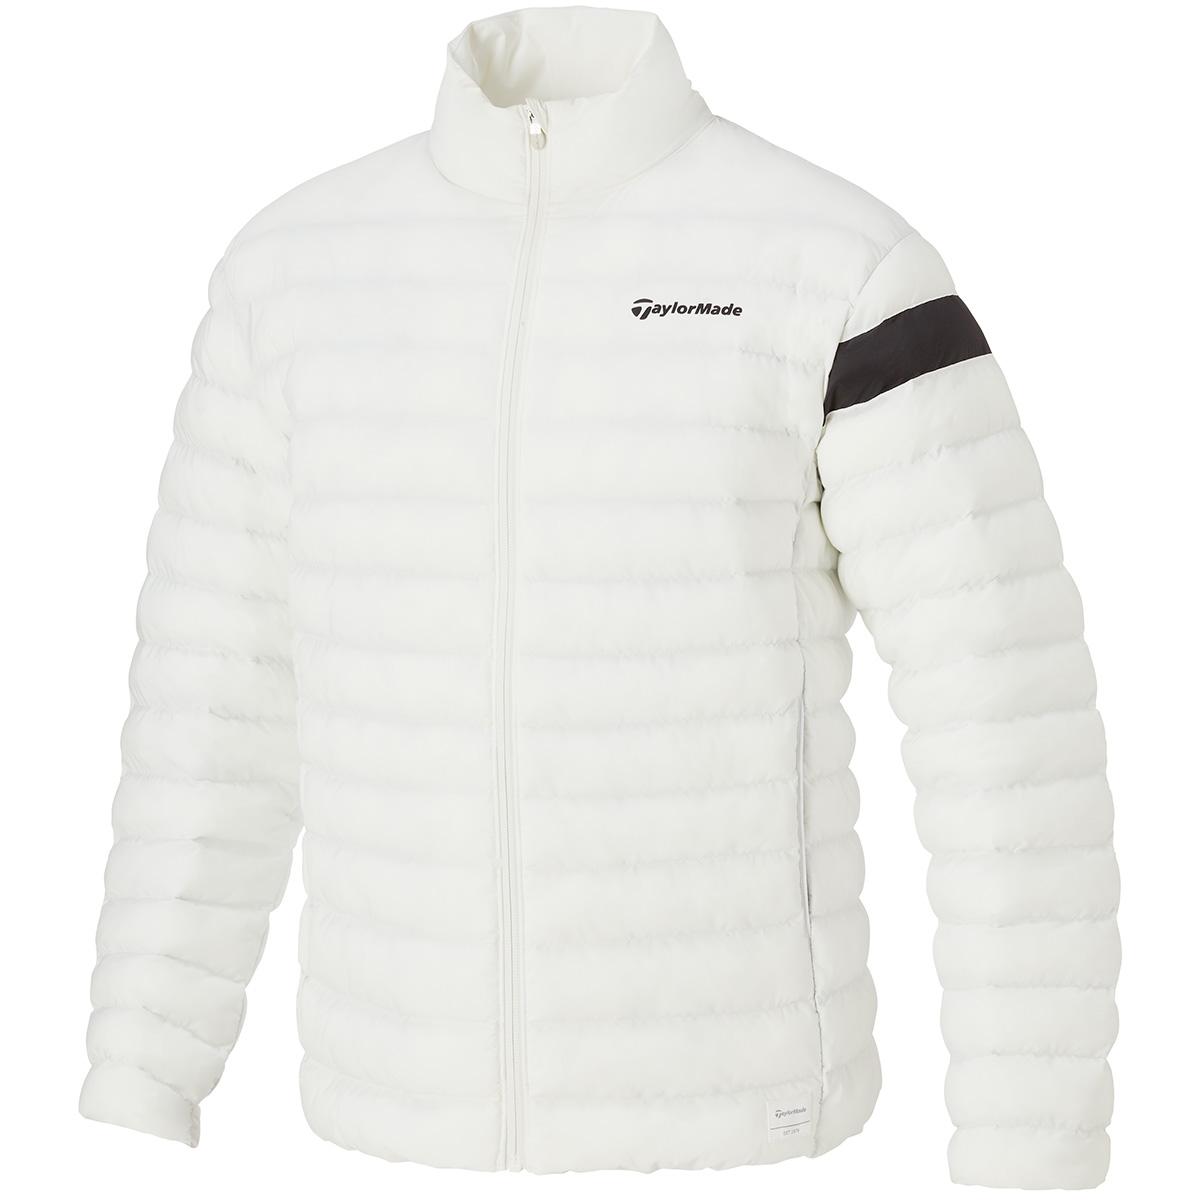 インサレーションジャケット